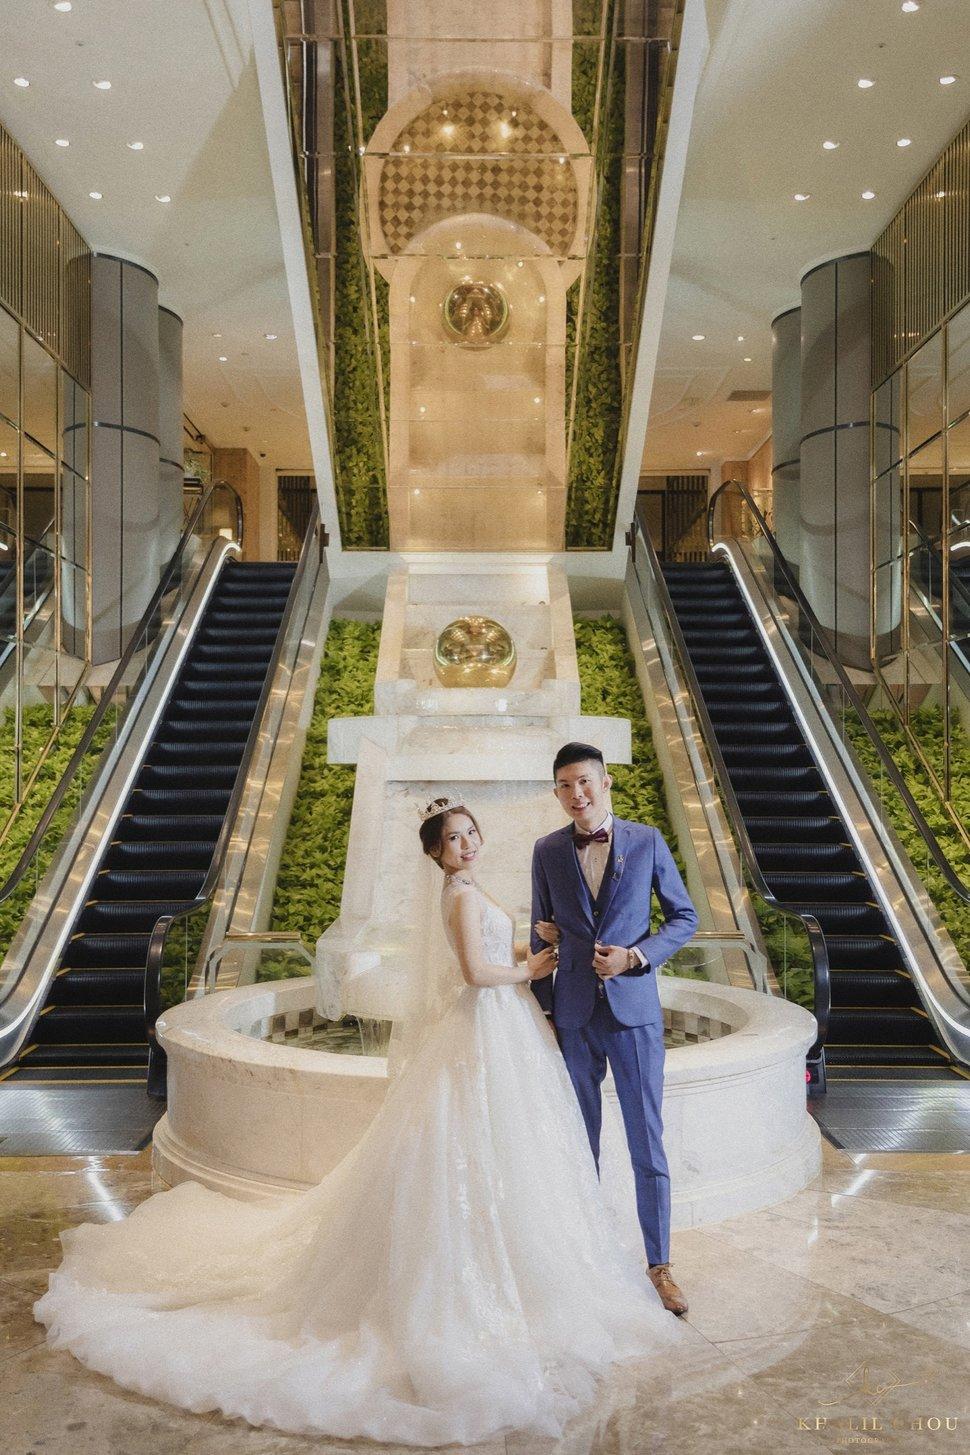 婚禮攝影-16 - 凱勒・周 獨立影像 - 結婚吧